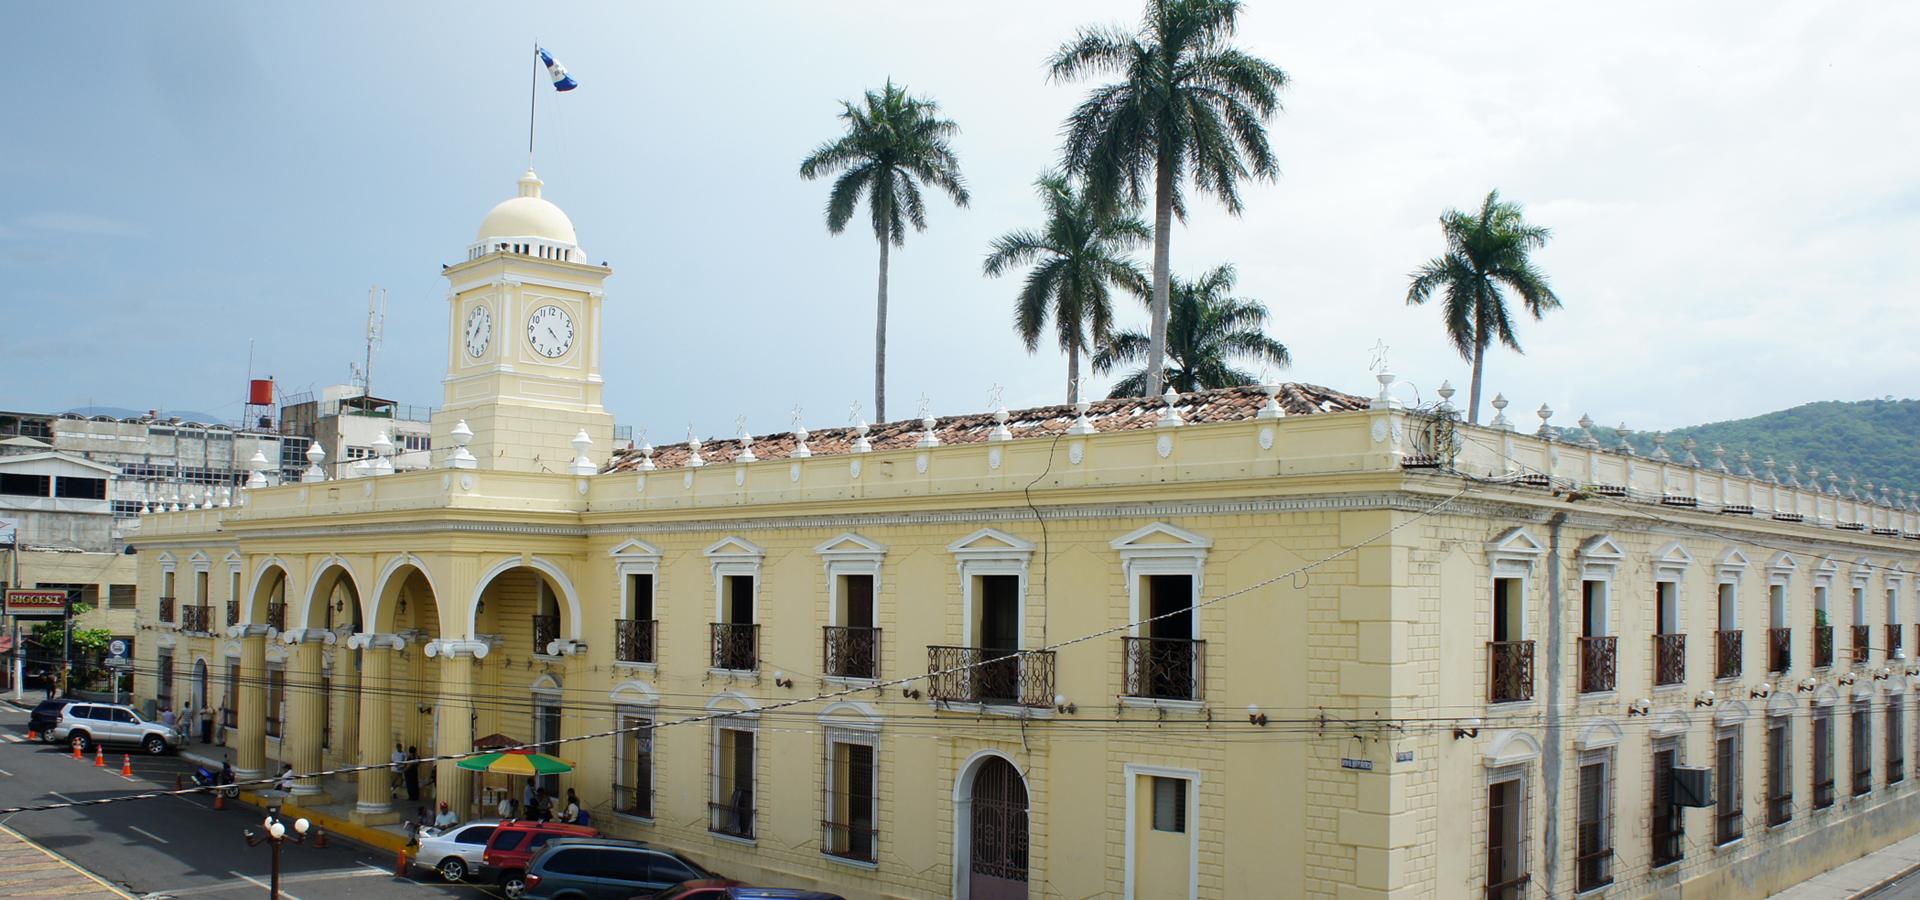 Peer-to-peer advisory in Santa Ana, El Salvador